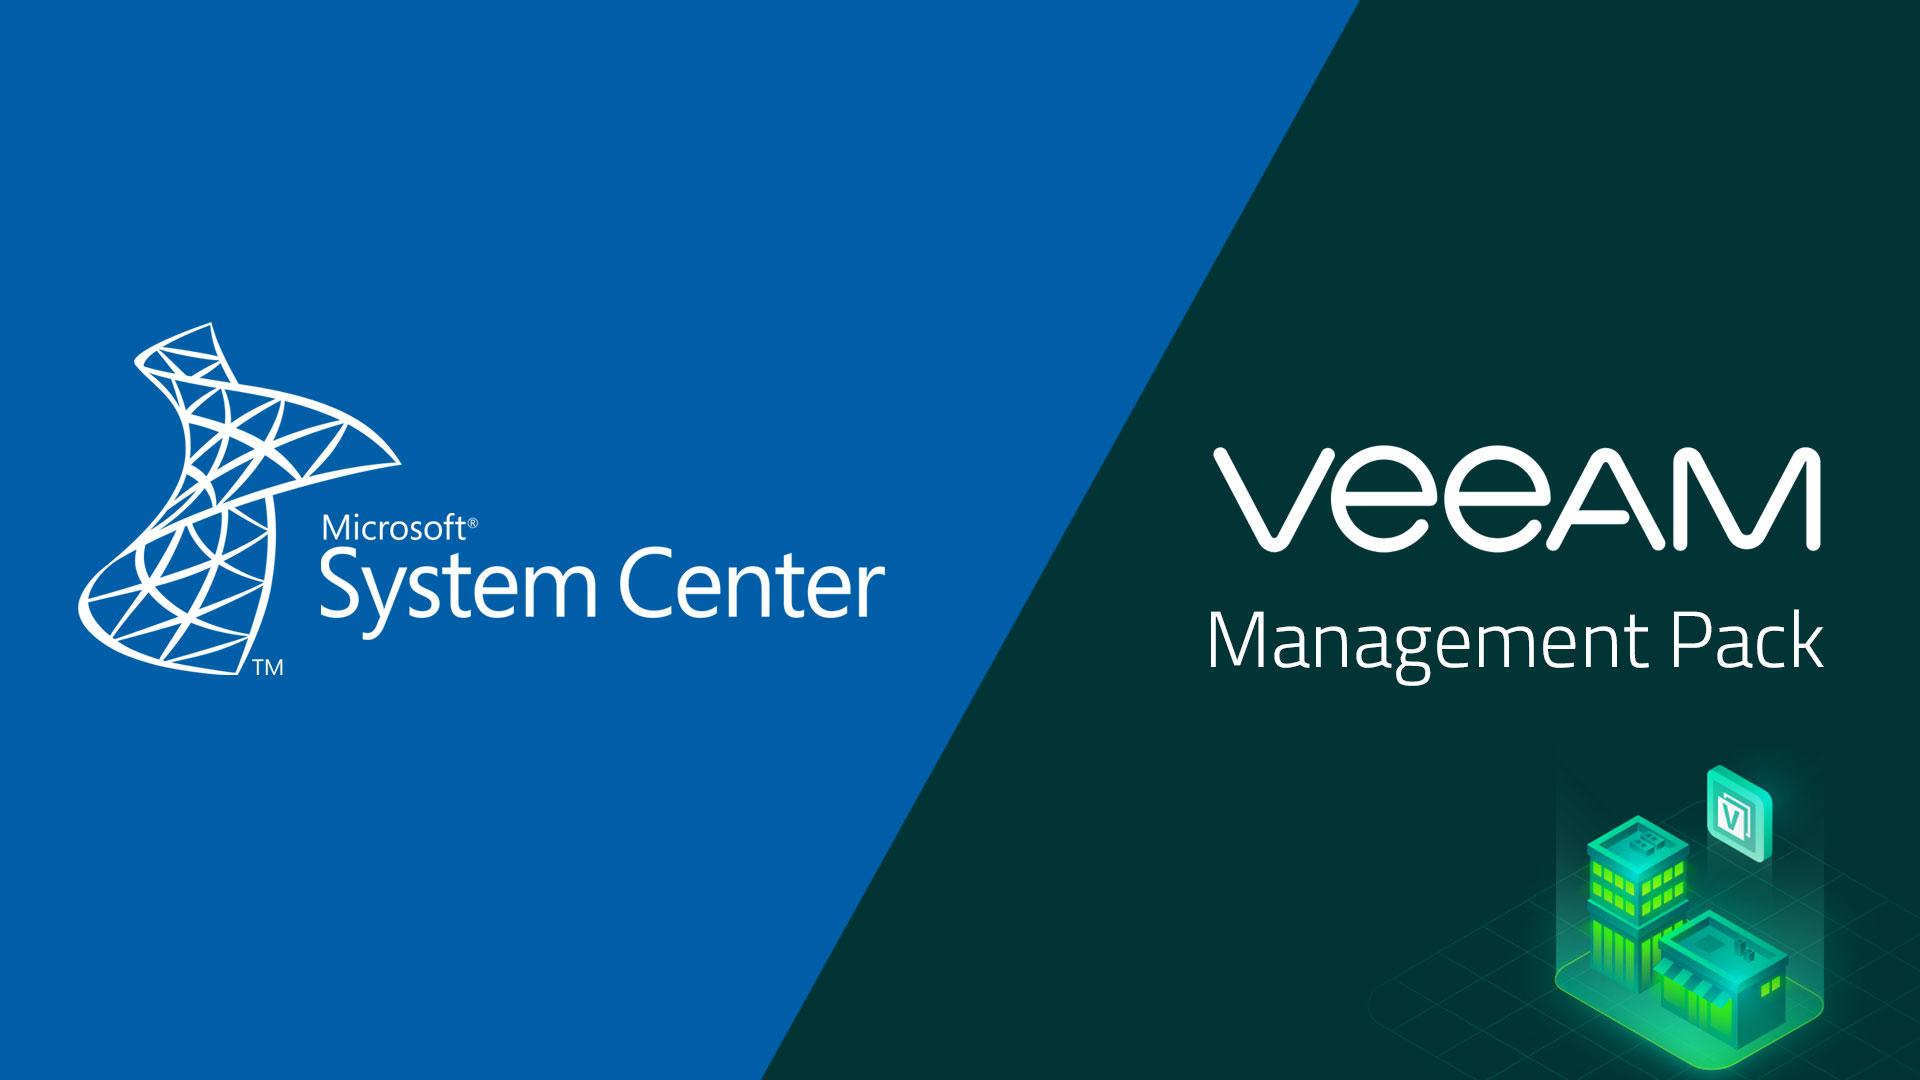 Veeam Management Pack